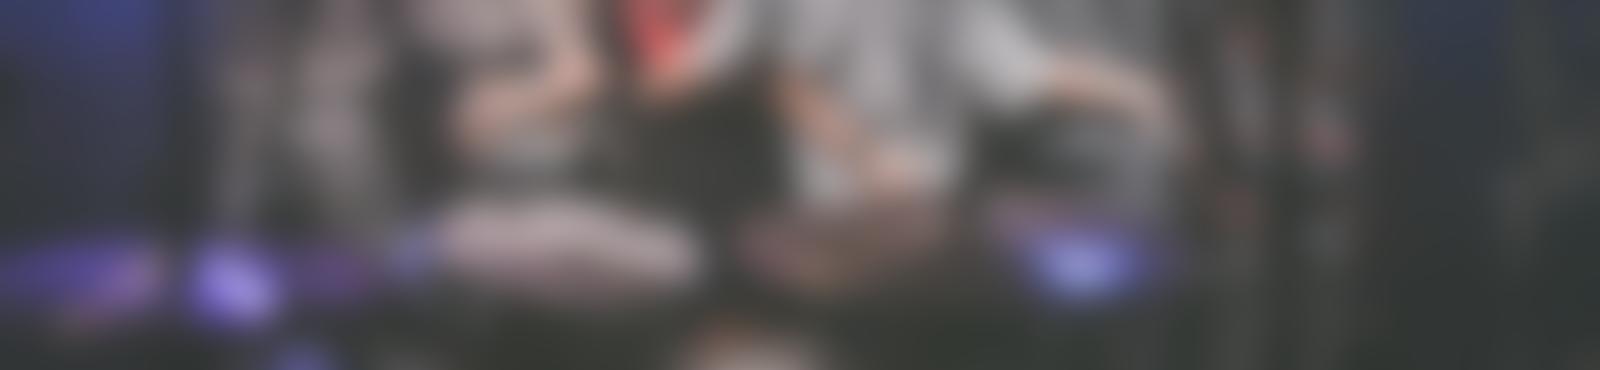 Blurred 6e11e59a 0342 4b39 a5e8 01346d17b90e